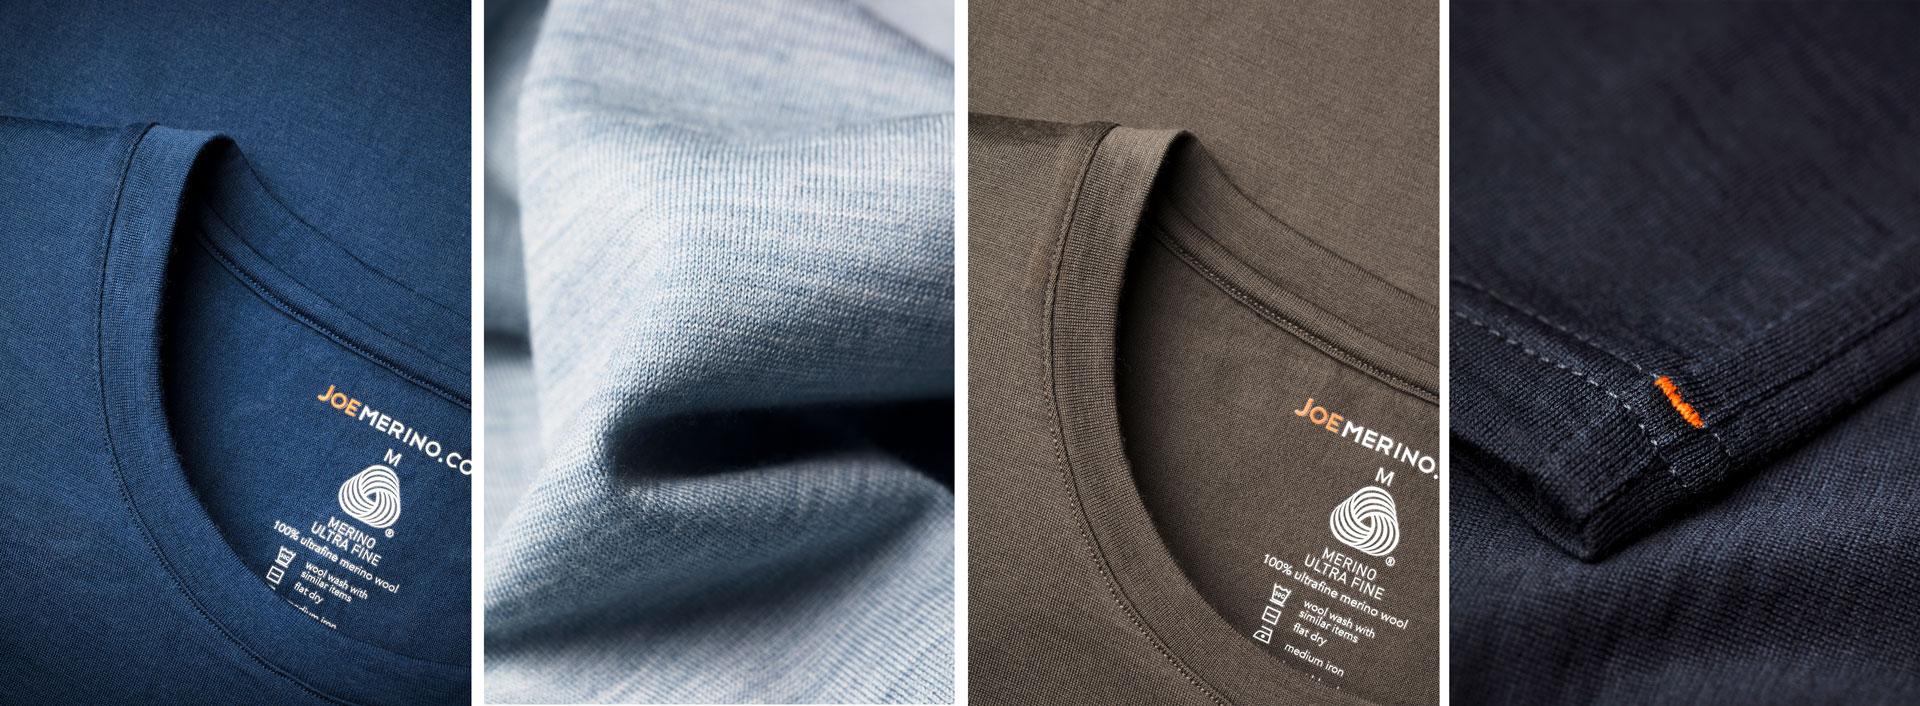 Macro foto's van merino t-shirts Joe Merino